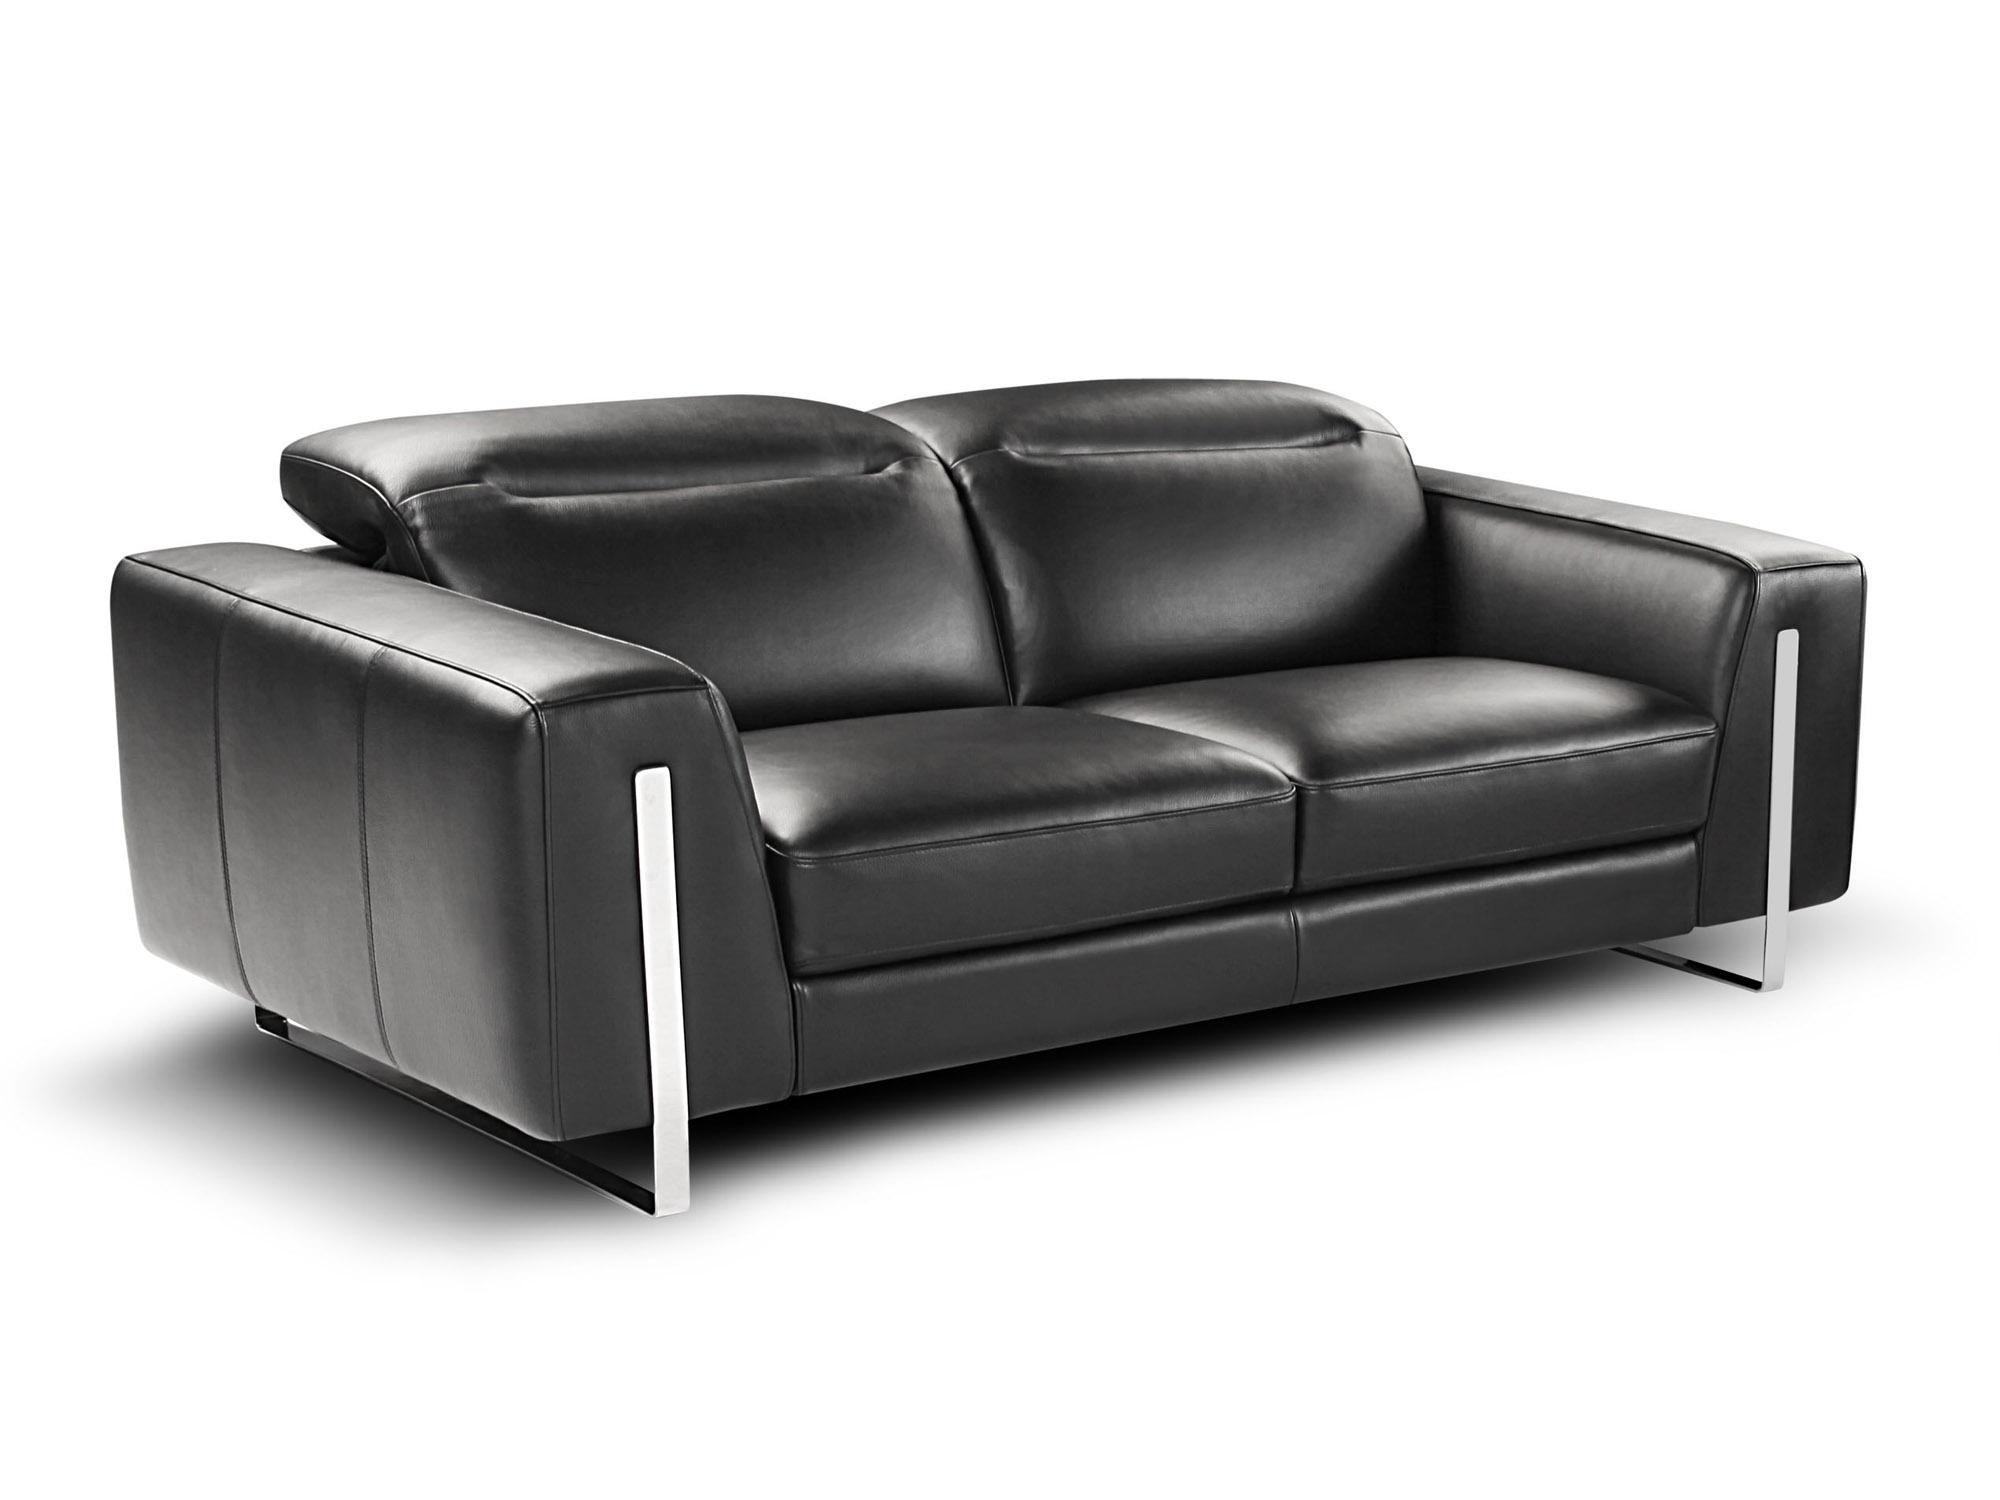 Delightful Contemporary Black Sofa By Calia Nicoletti Oritsei Sofa Group